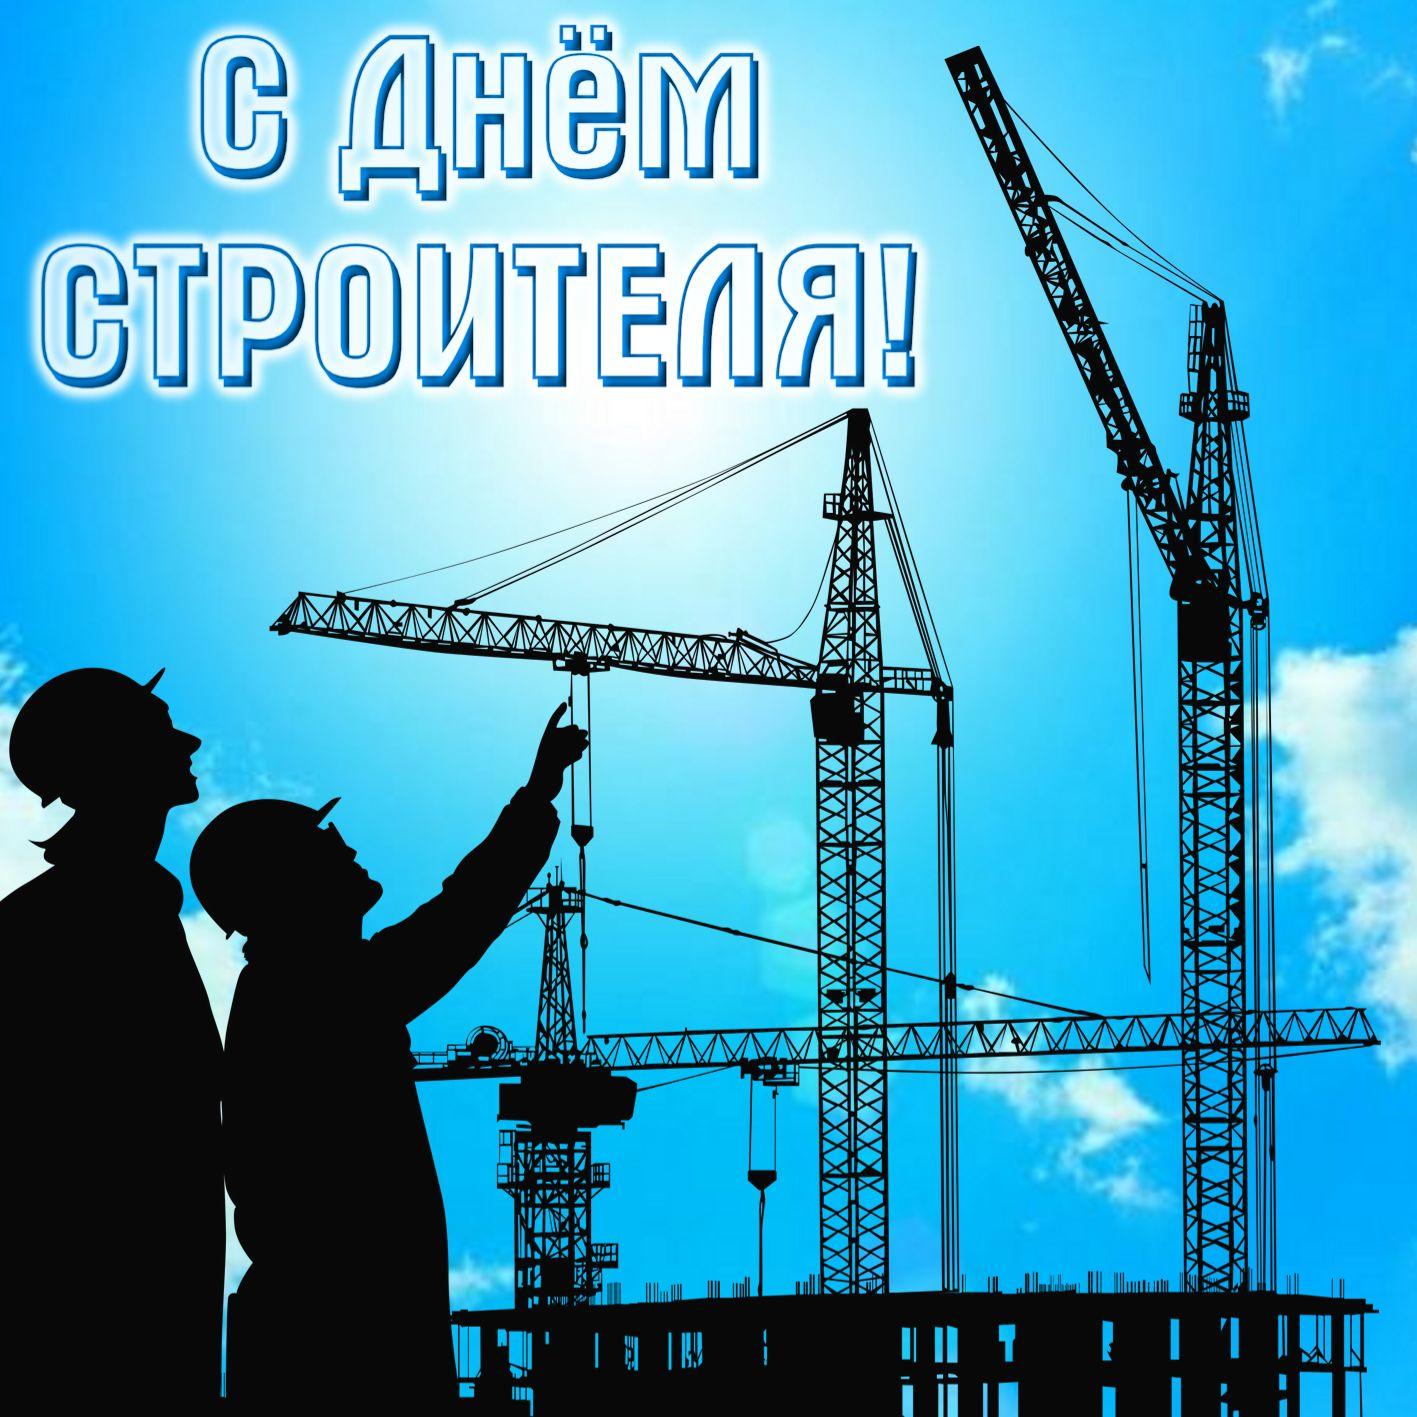 Открытка на День строителя - силуэты строителей на фоне неба